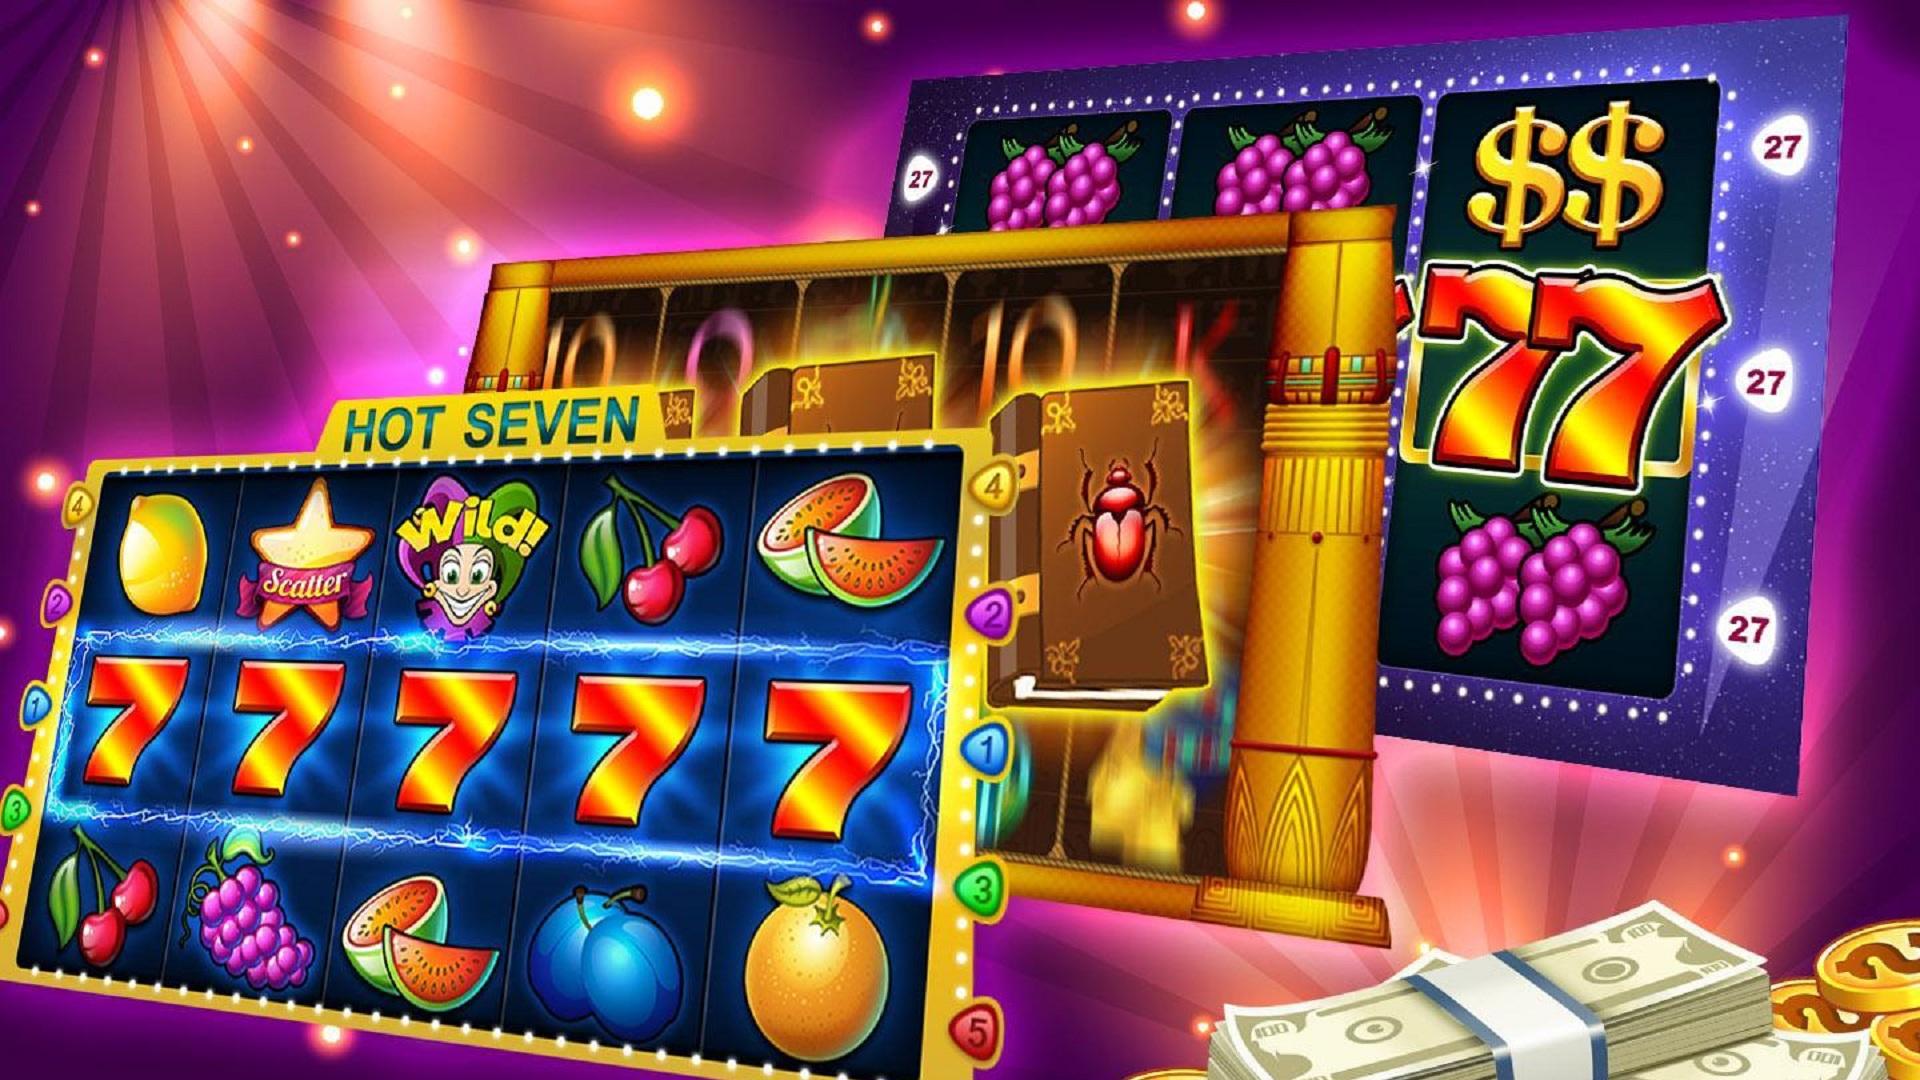 Judi Casino Slot Online Resmi Indonesia Sangat Banyak Peminatnya